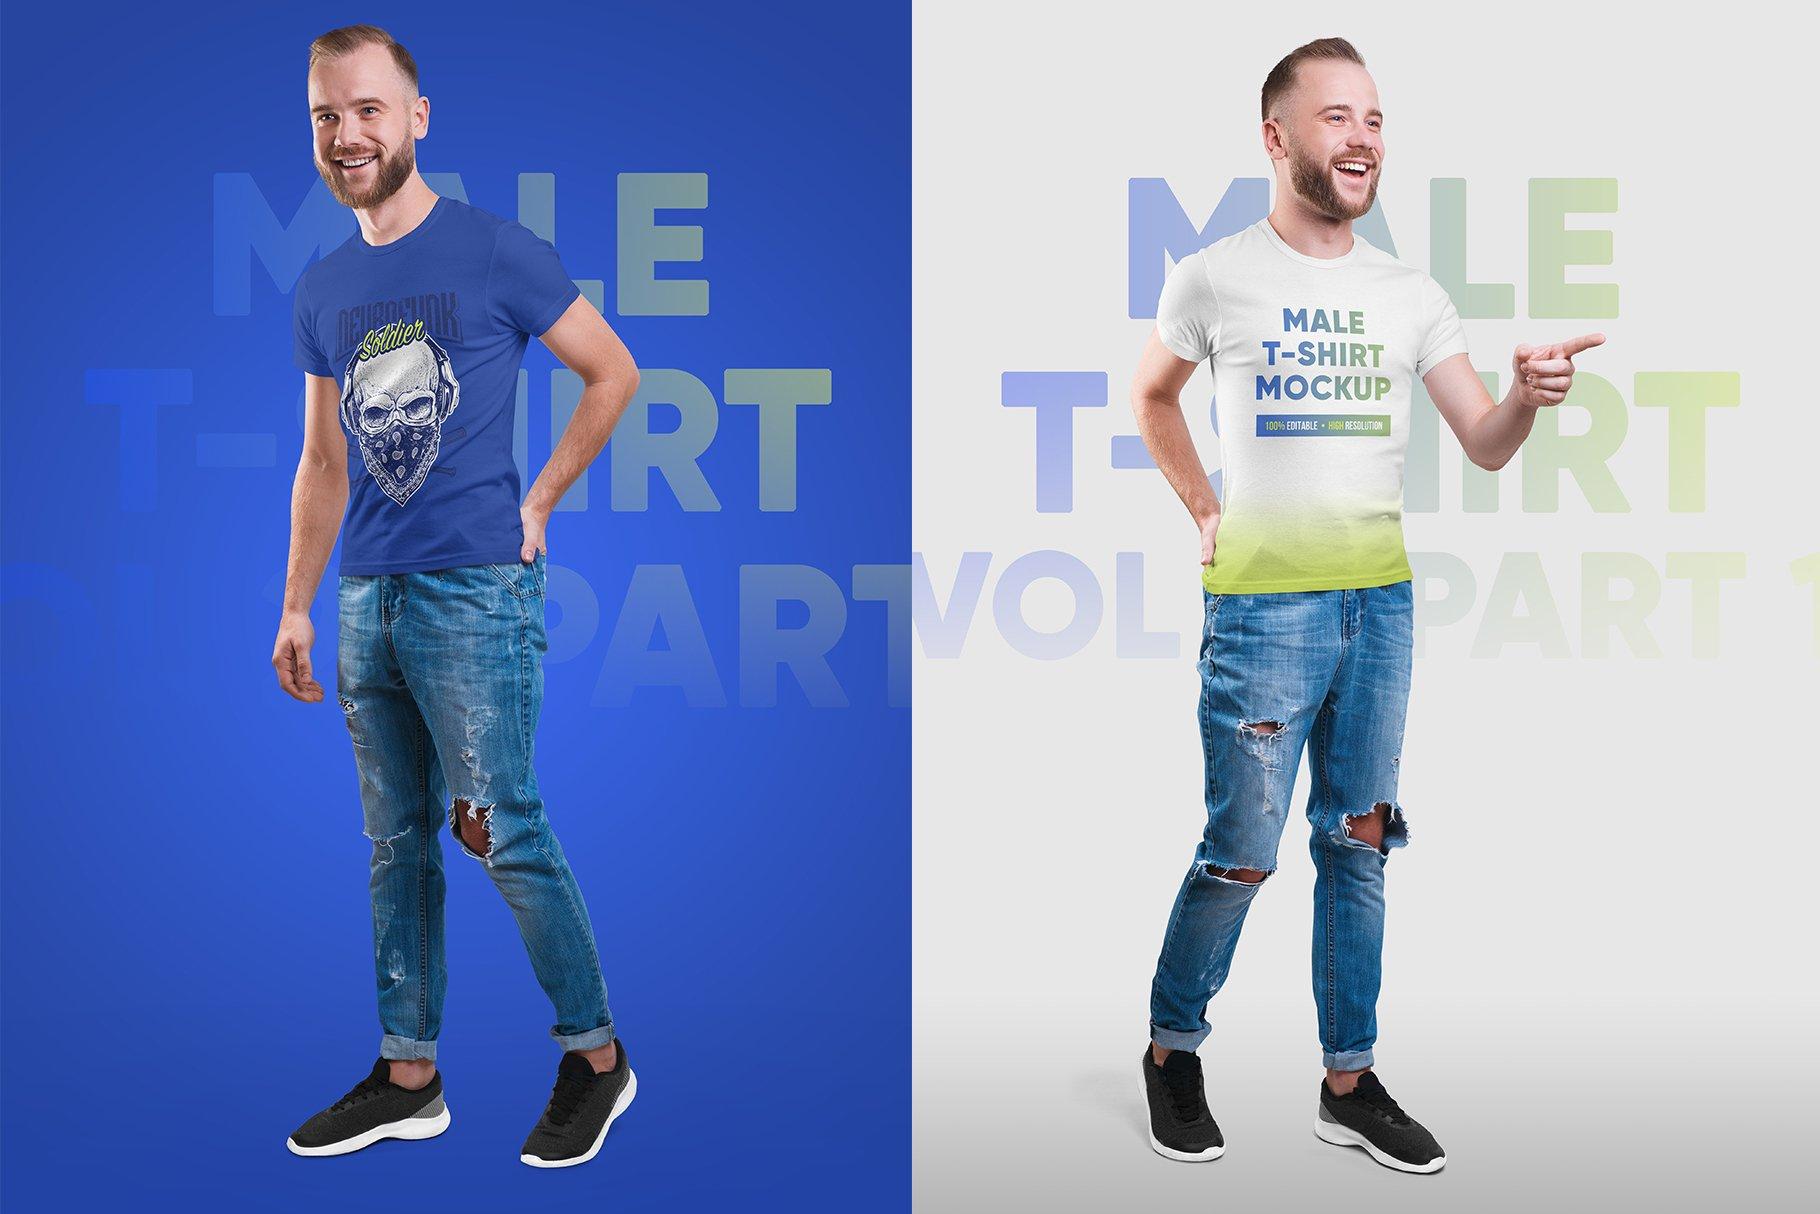 14款高质量男士半袖T恤印花图案设计展示贴图样机 Male T-Shirt PSD Mockups Vol2插图3